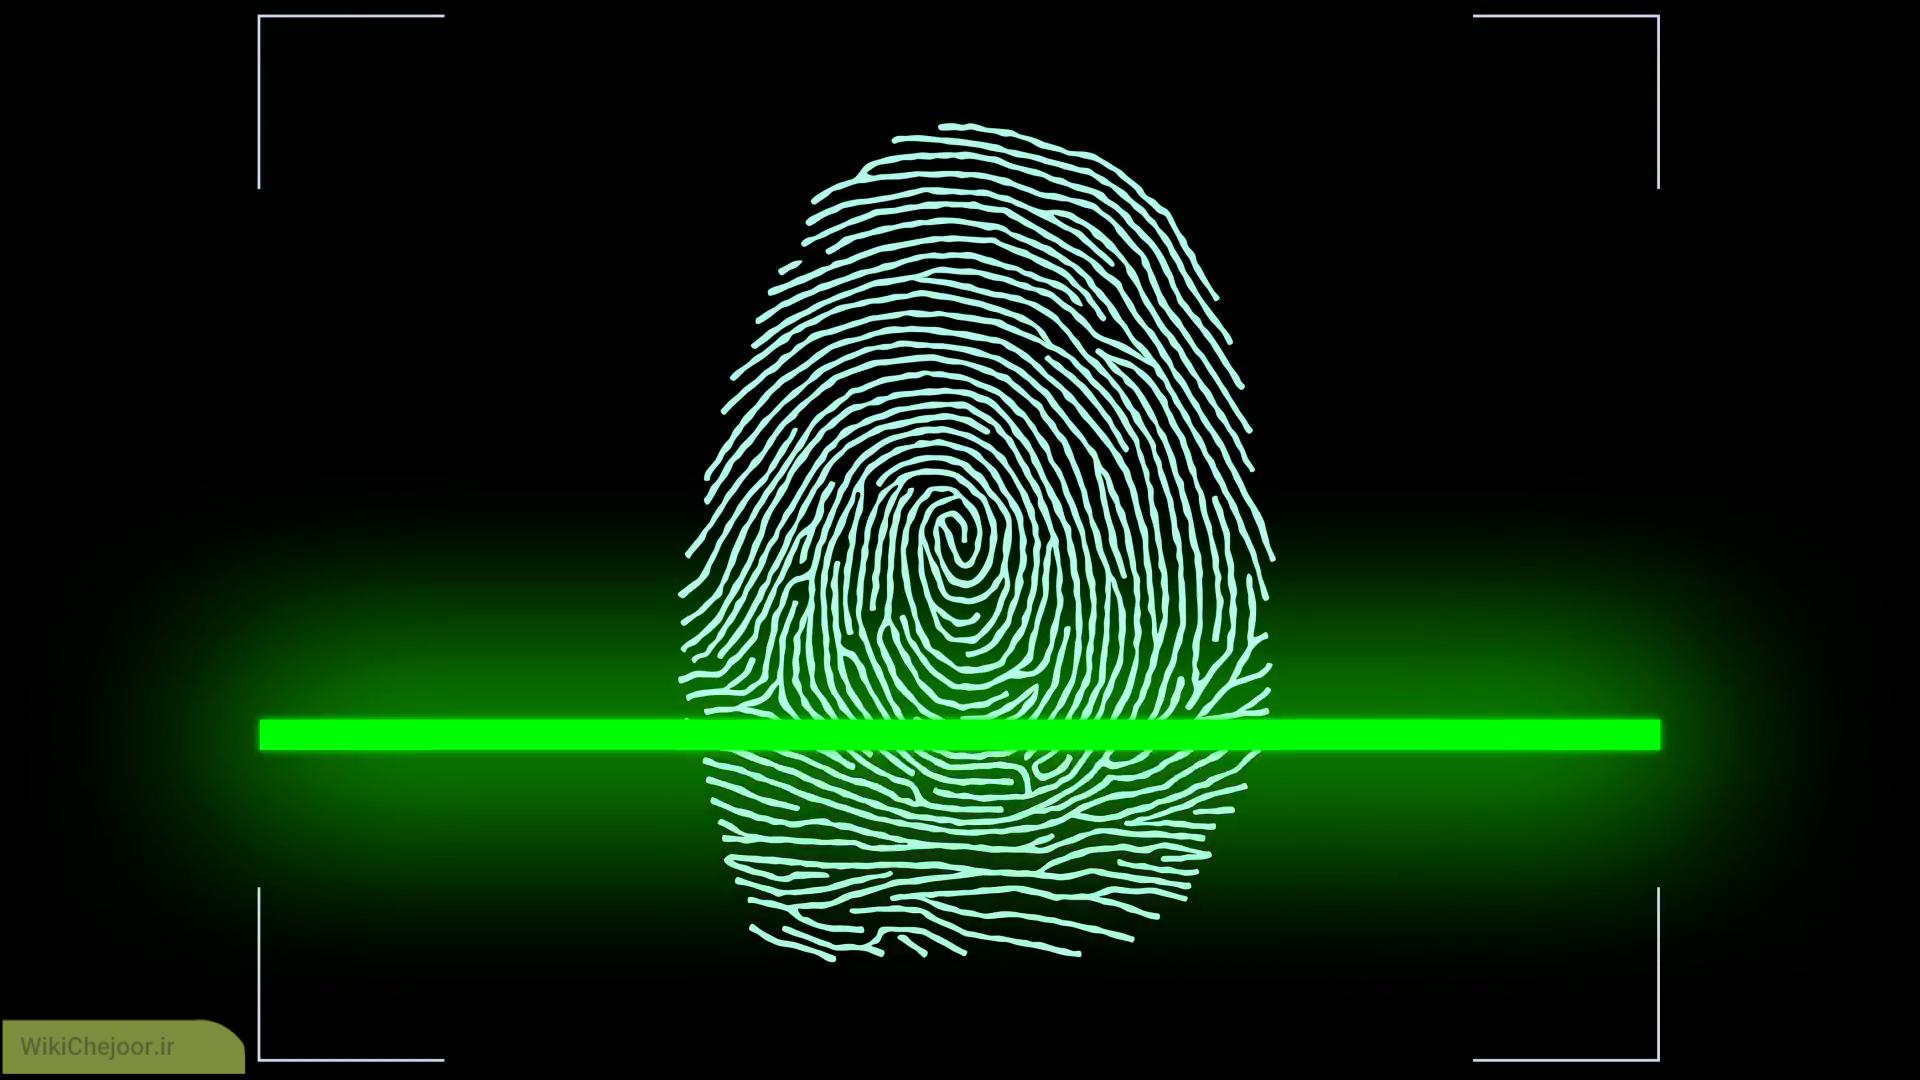 در پروسه اسکن اثر انگشت ( Fingerprint scanner ) چه عملیاتی انجام می شود؟